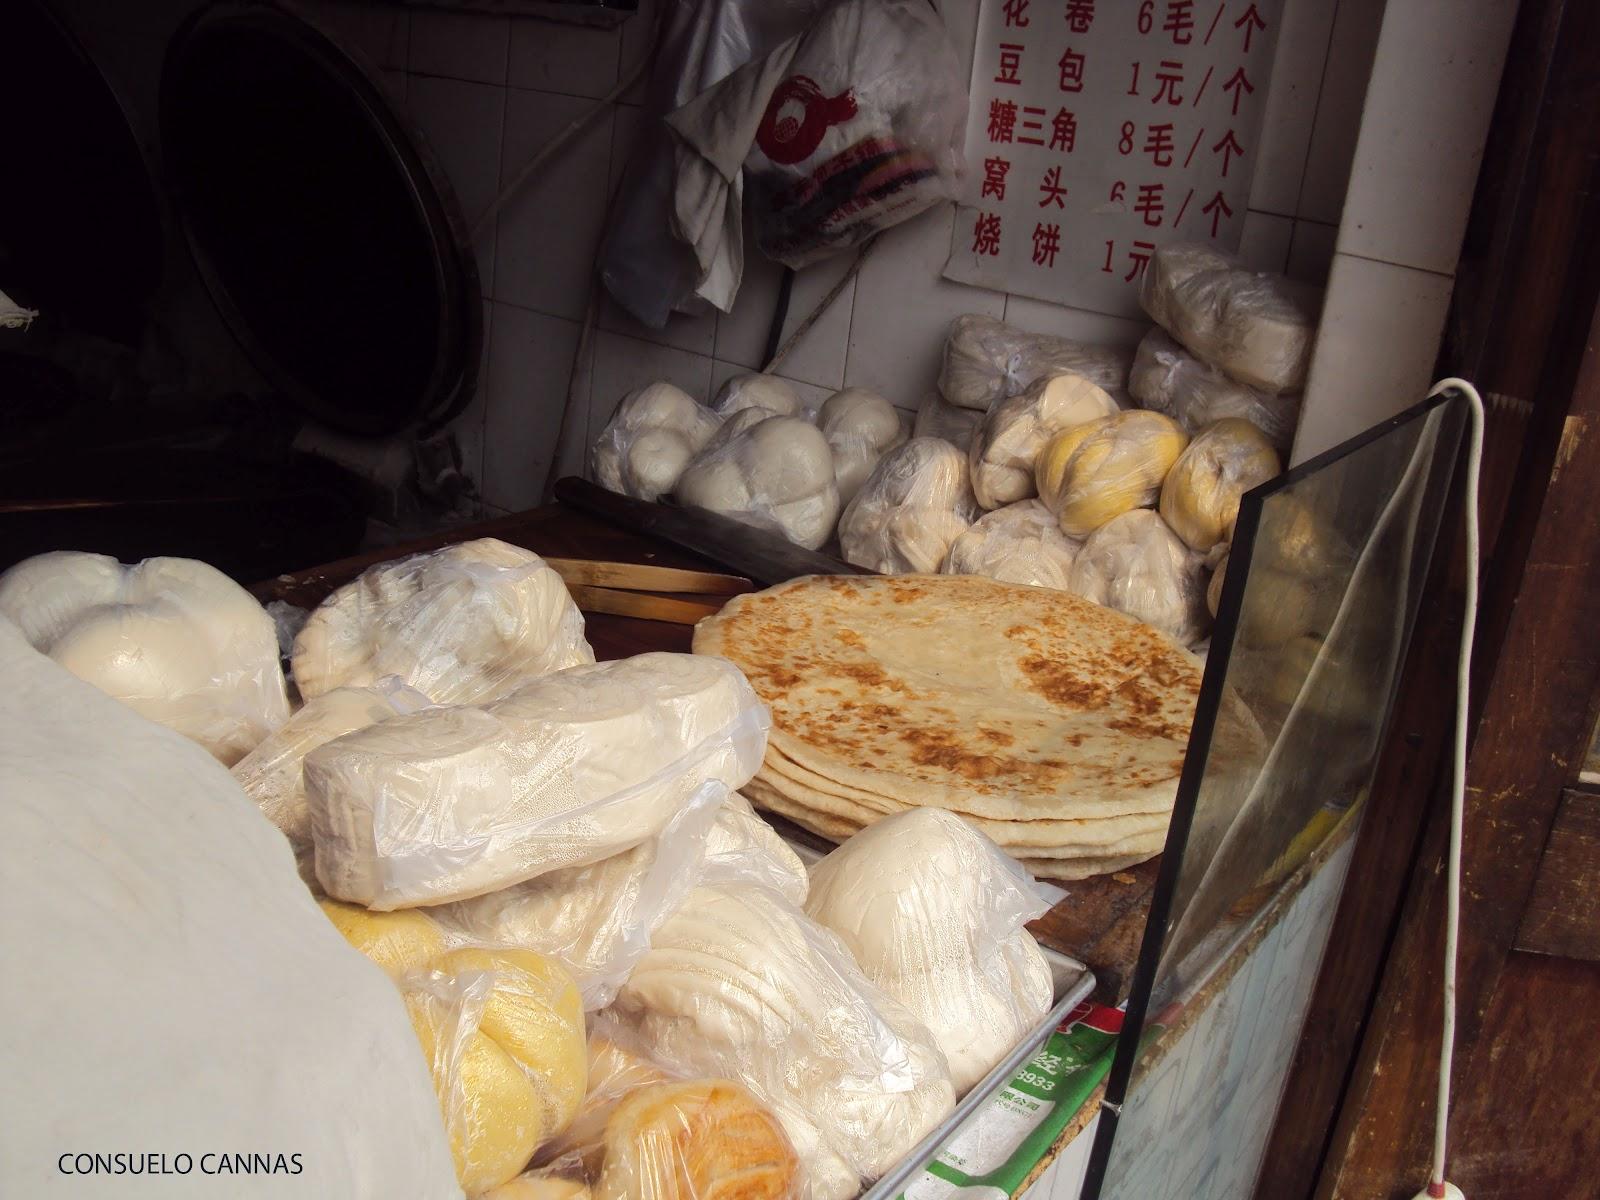 Benessere consuelo cannas la colazione cinese the for Colazione cinese